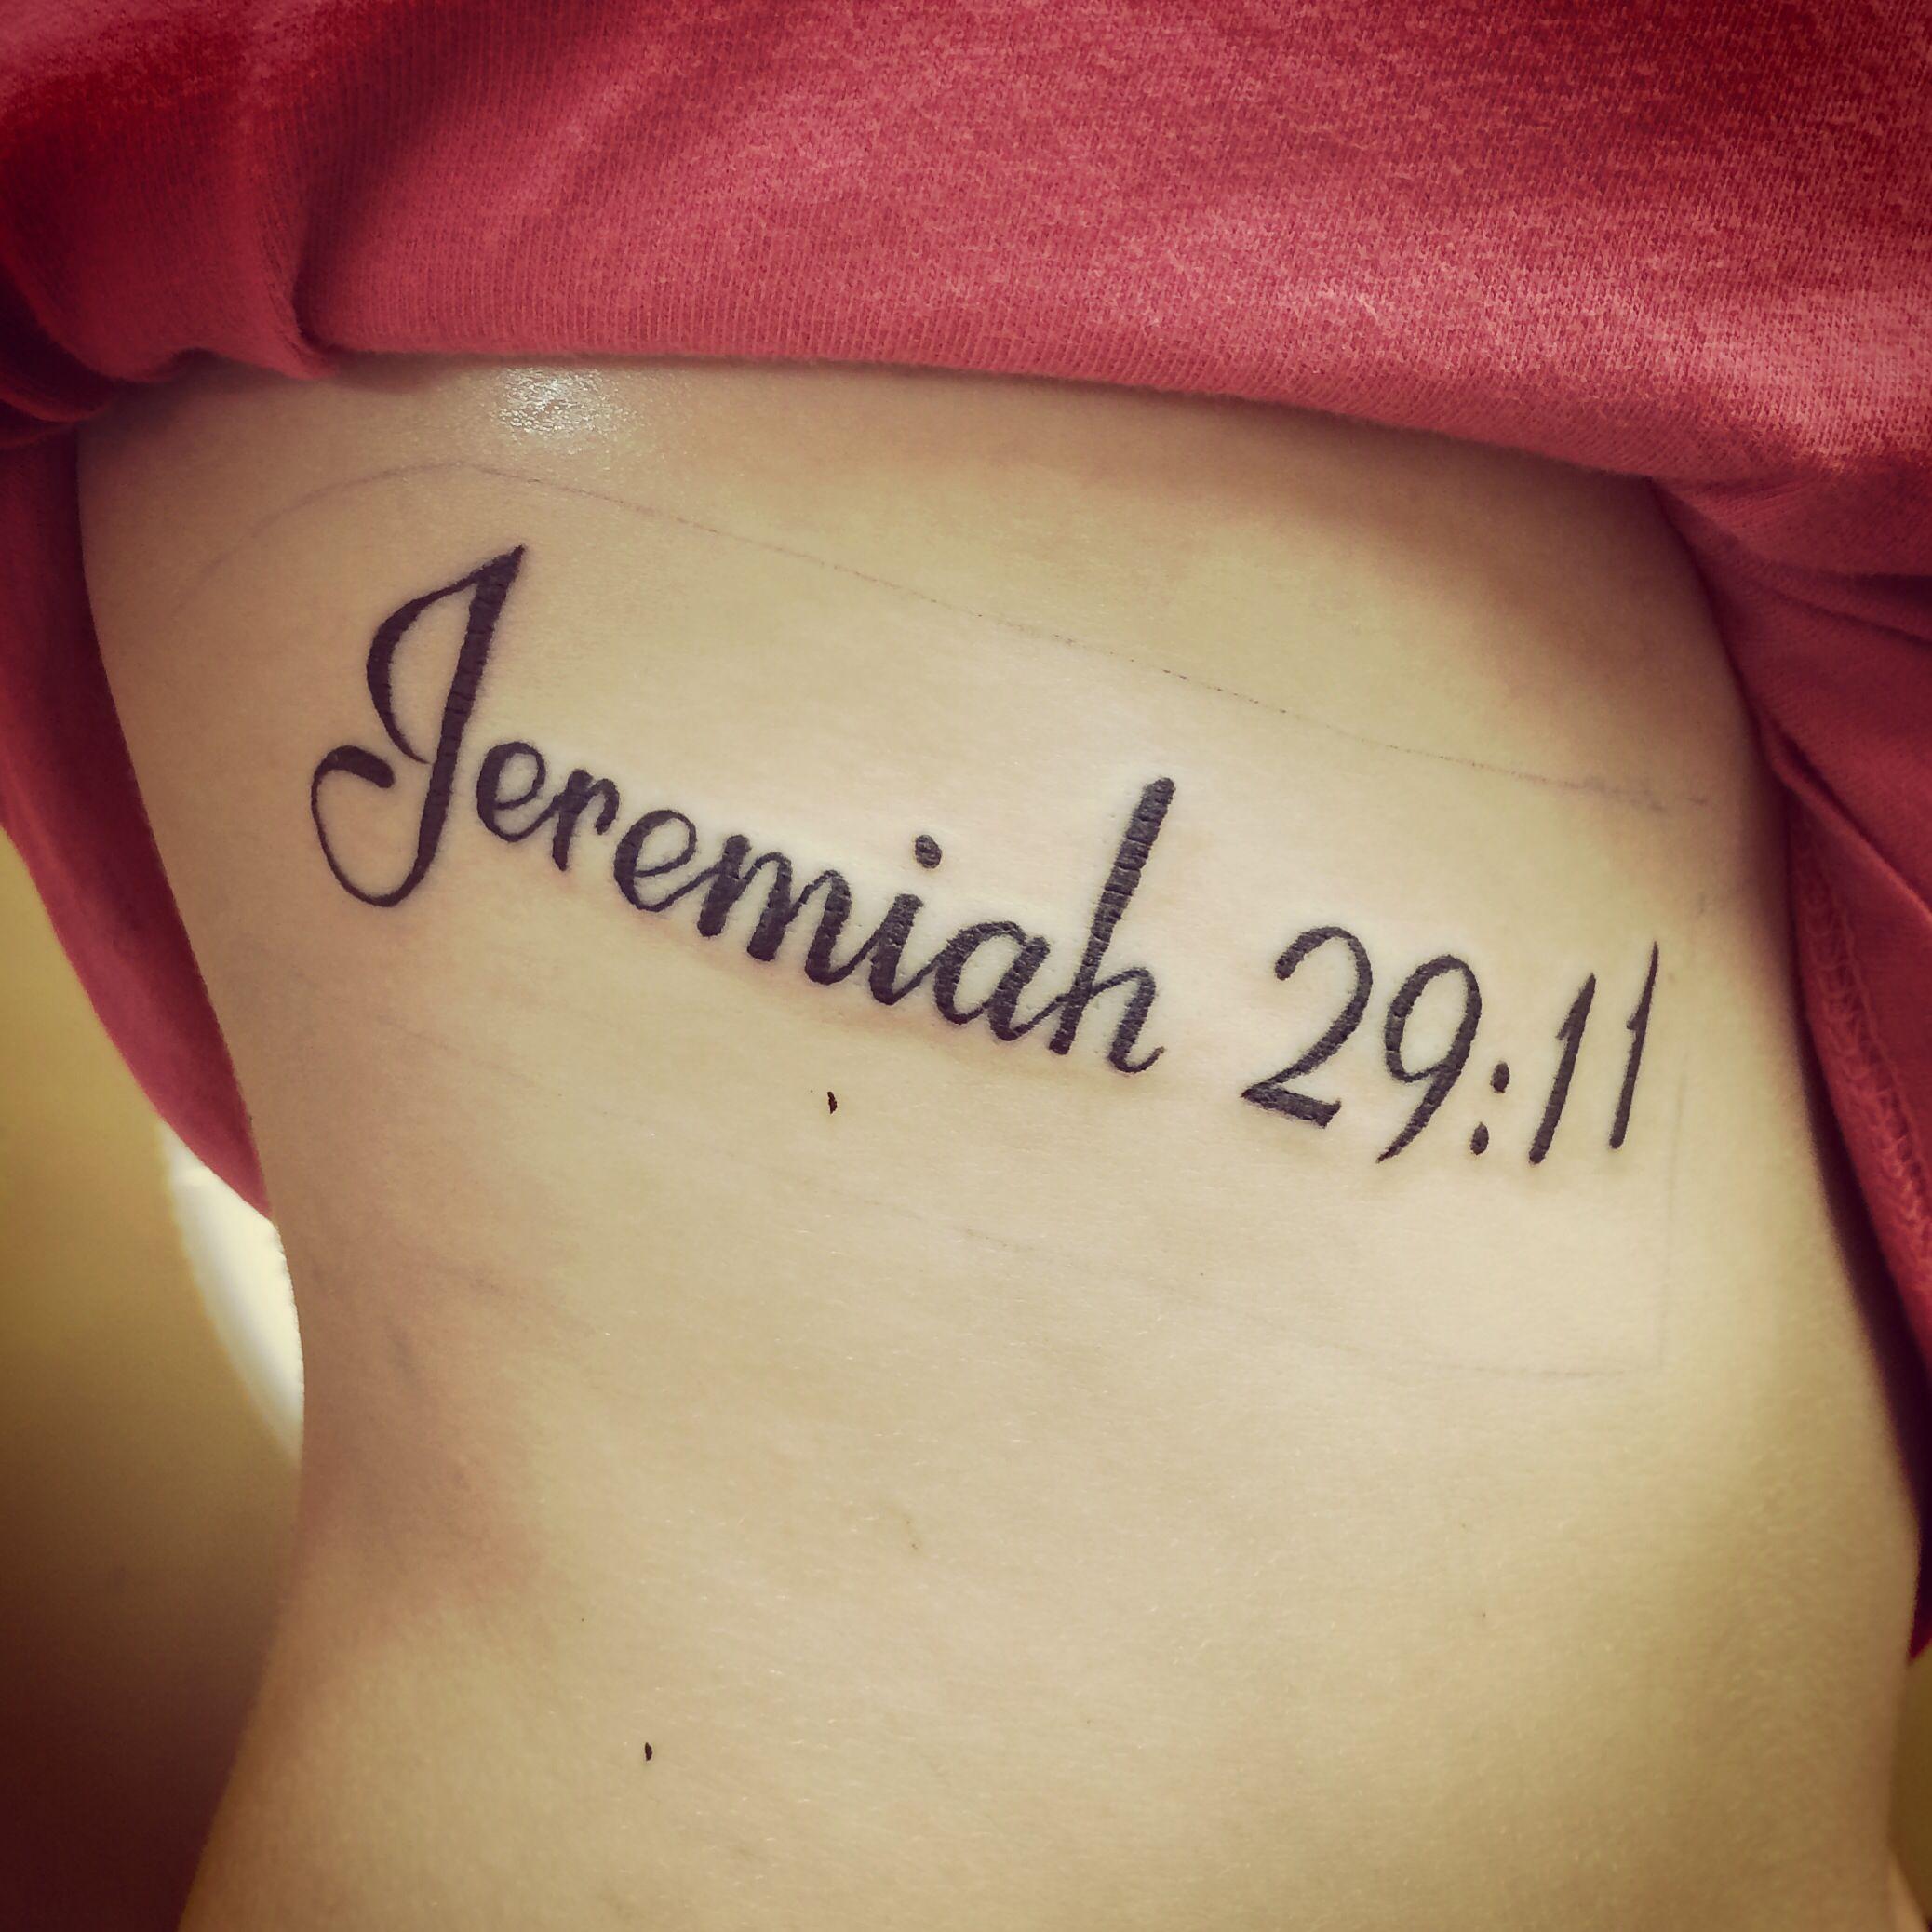 Finally Got My Tattoo Jeremiah 2911 Tattoo Pinterest